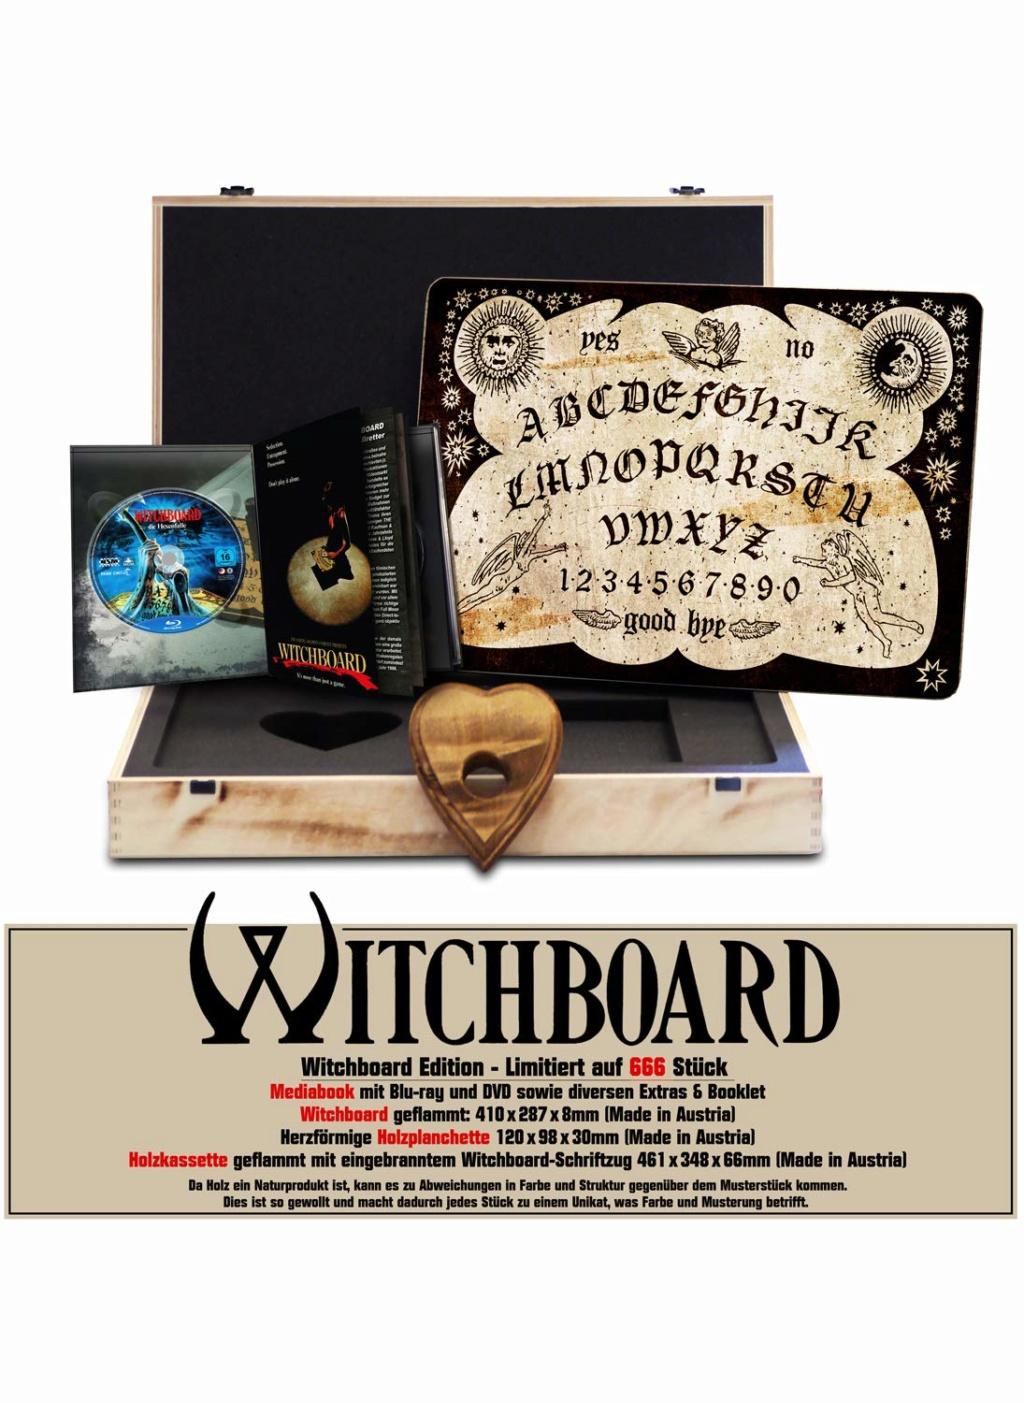 Witchboard - Die Hexenfalle uncut - auf 666 Stück limitiertes Quija Board inkl. Mediabook 71l1q810